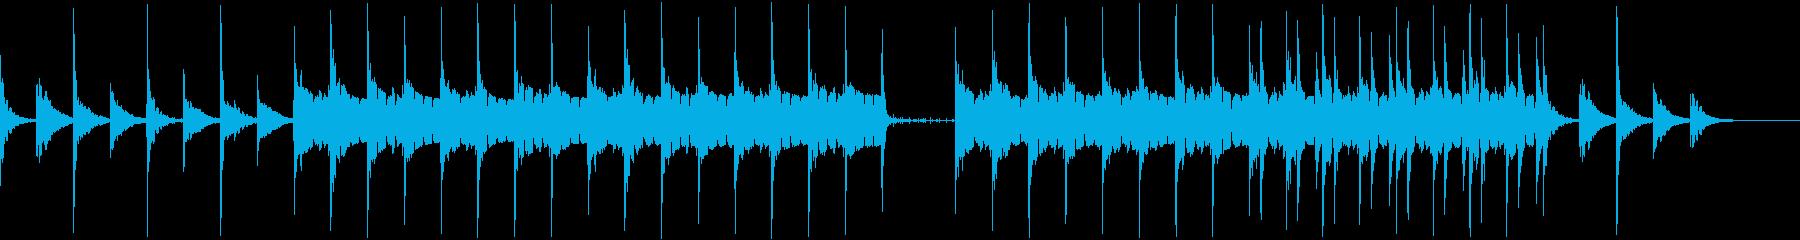 モダン テクノ アンビエント ほの...の再生済みの波形